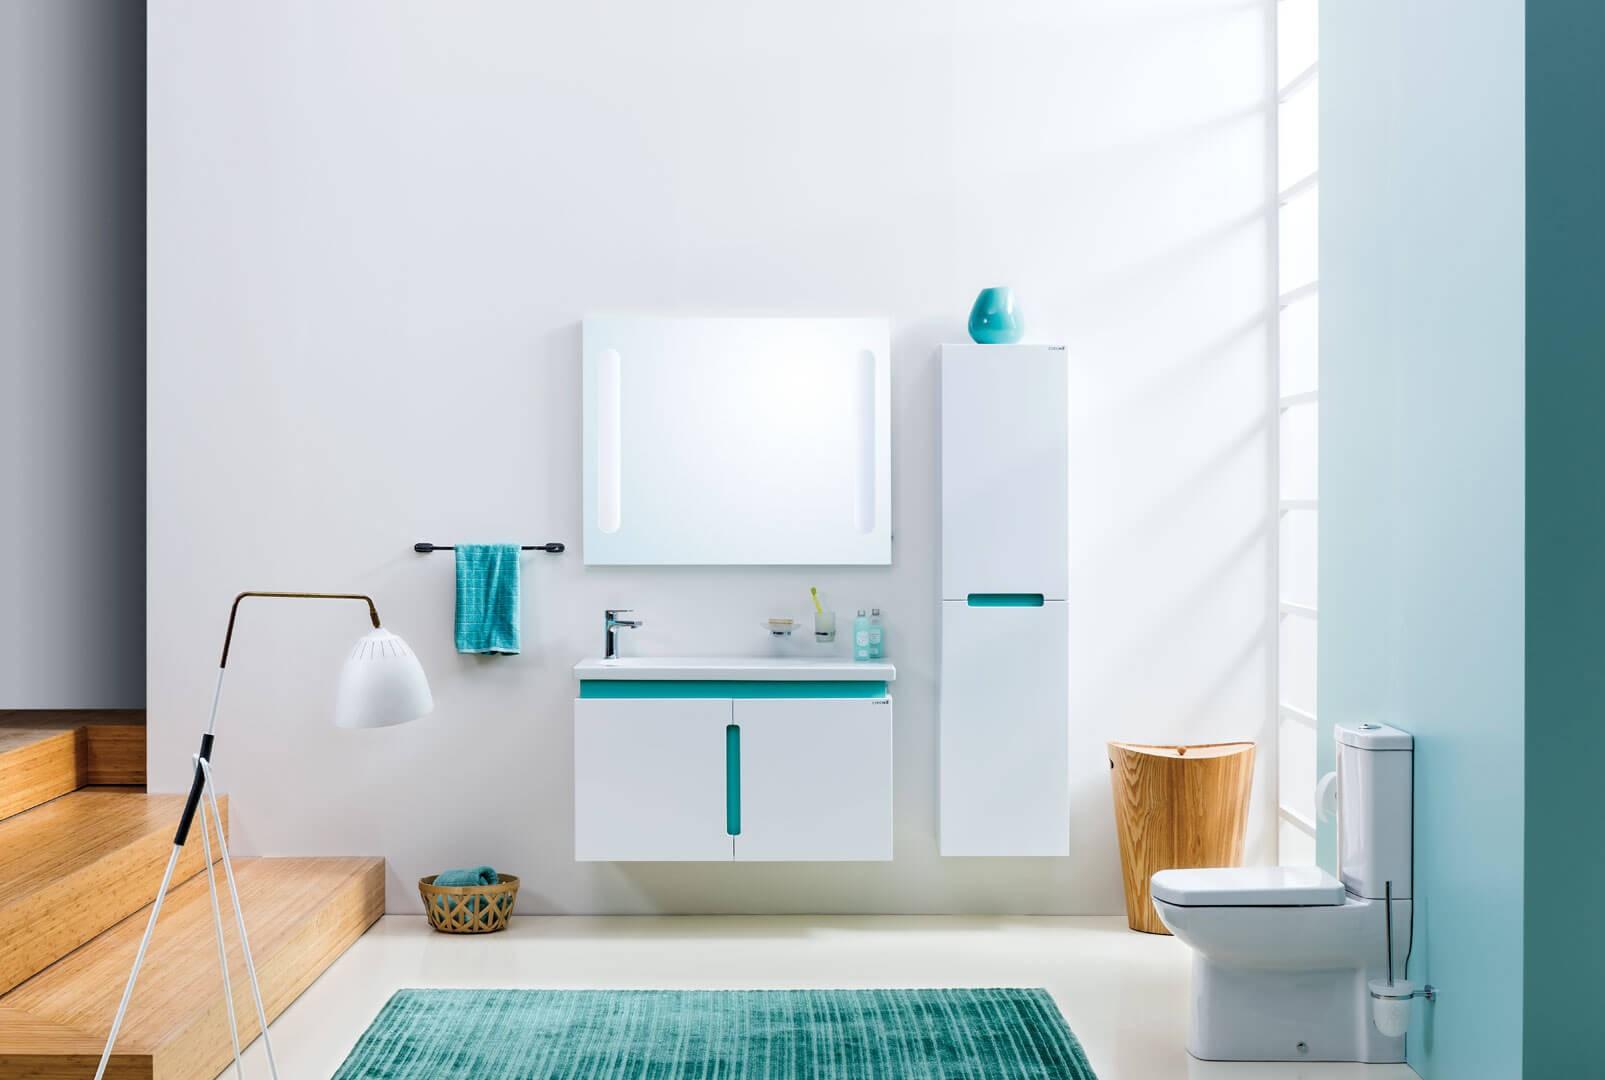 turkuaz-renk-banyo-dekorasyon